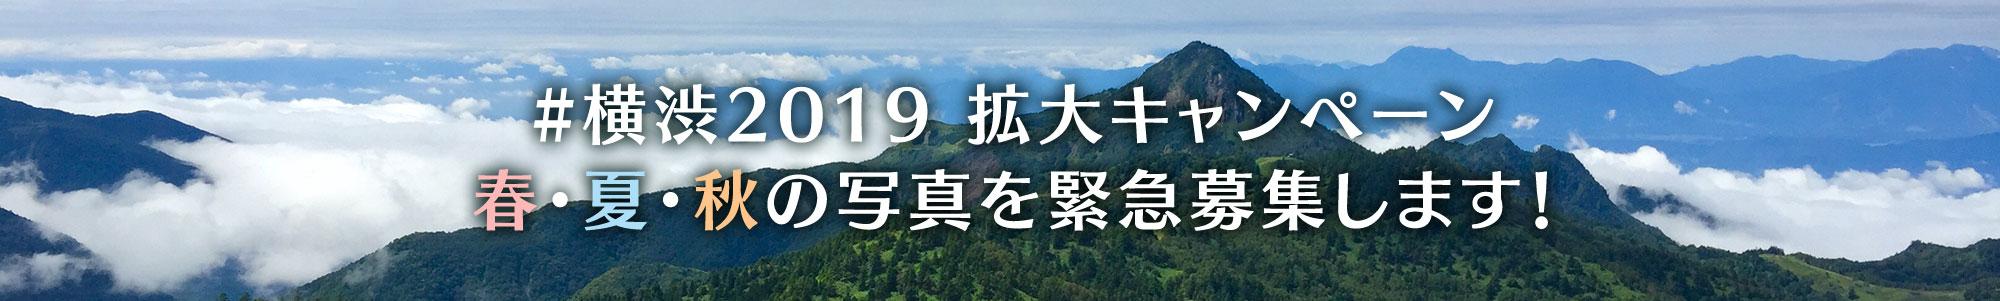 #横渋2019 拡大キャンペーン 春・夏・秋の写真を緊急募集します!